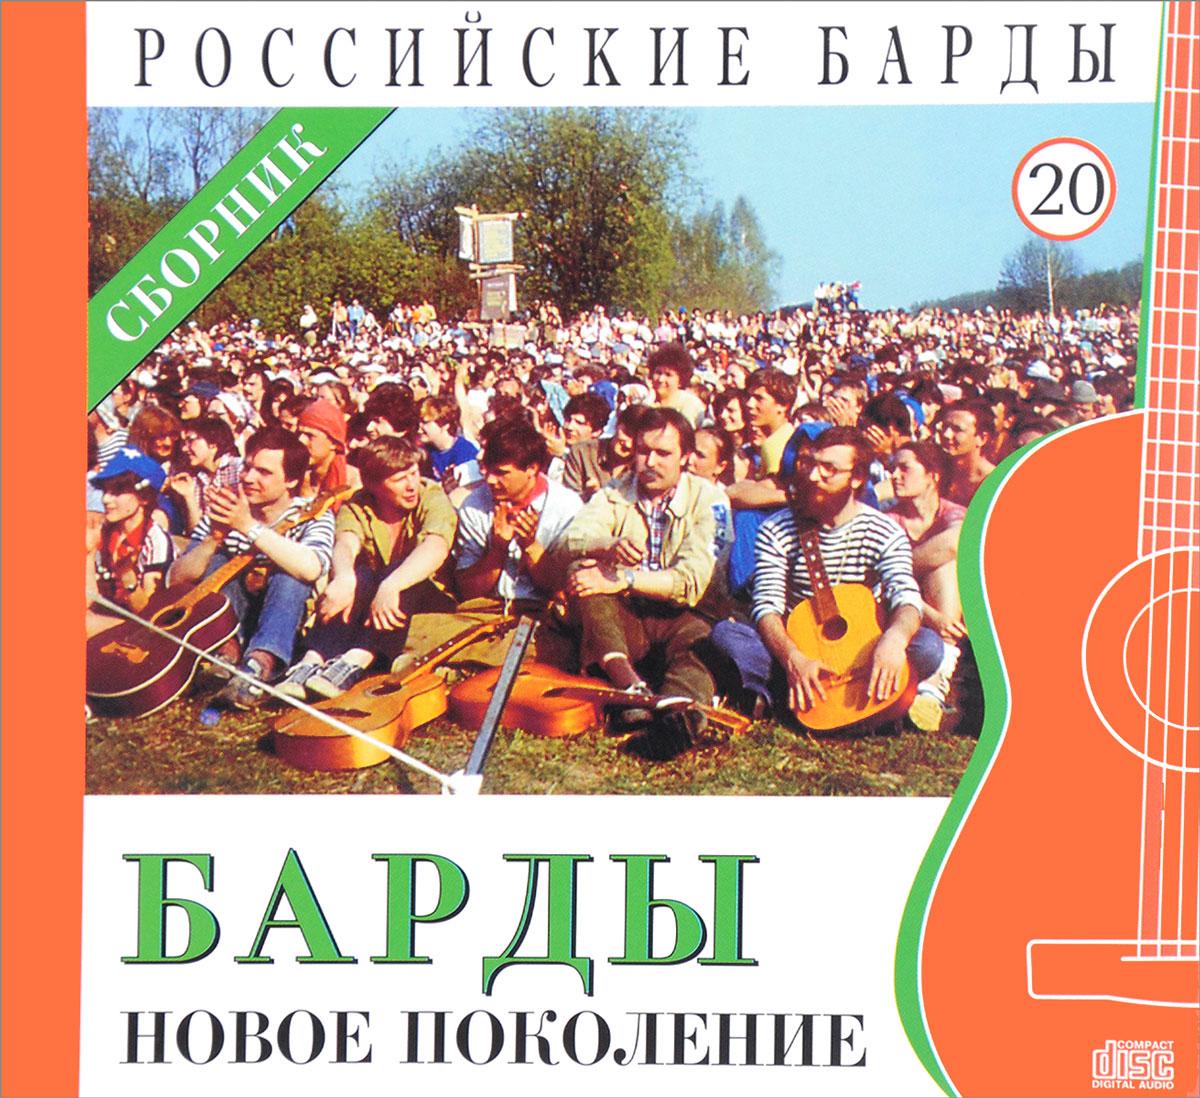 Российские барды. Том 20. Барды - новое поколение (+ аудио CD) аудиокниги proffi cd book российские барды классики бардовской песни